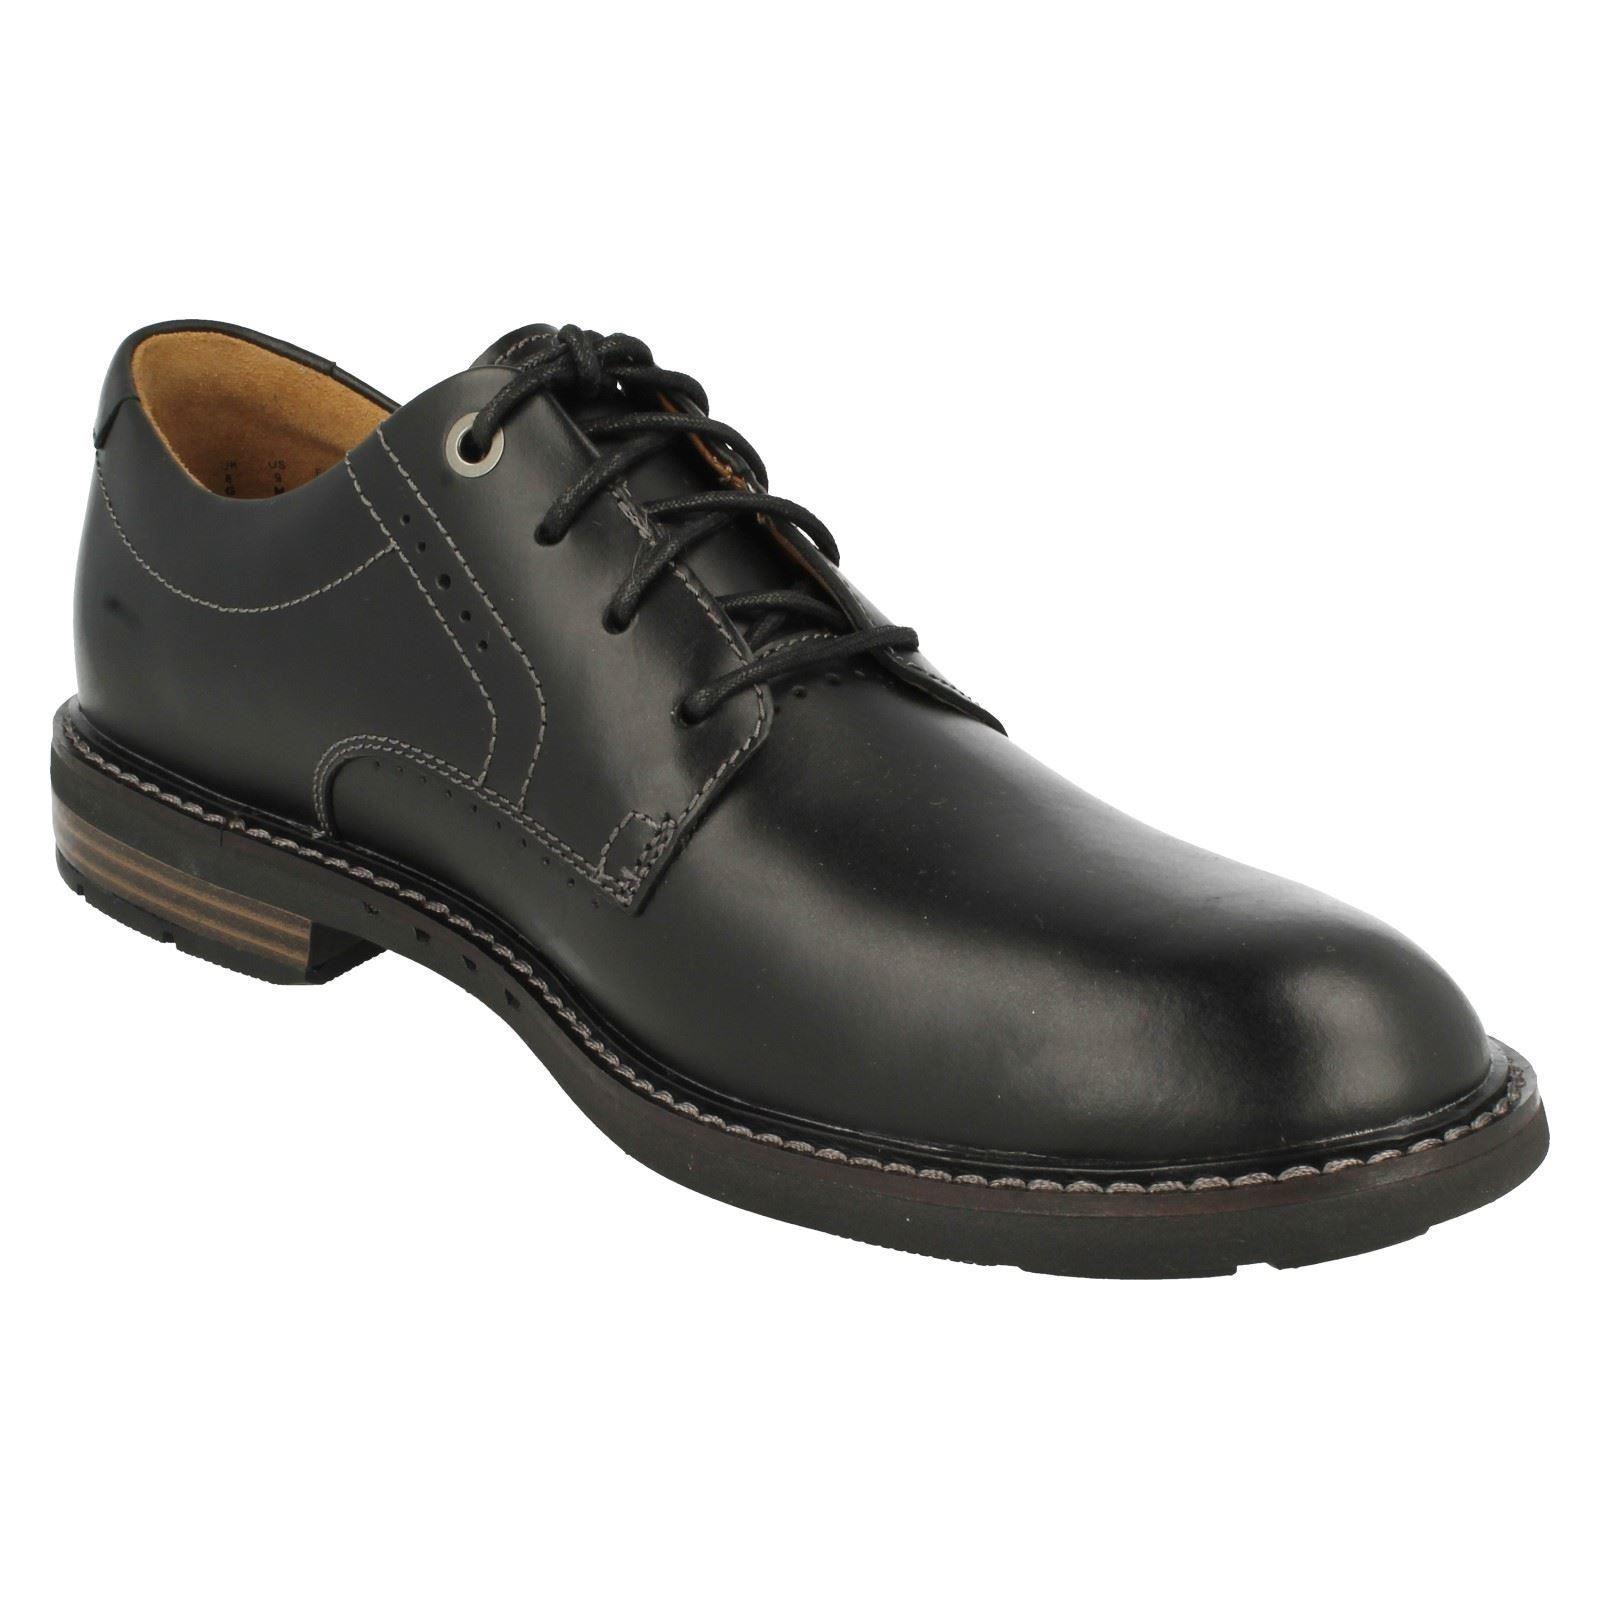 mens clarks formal lace up shoes unelott plain